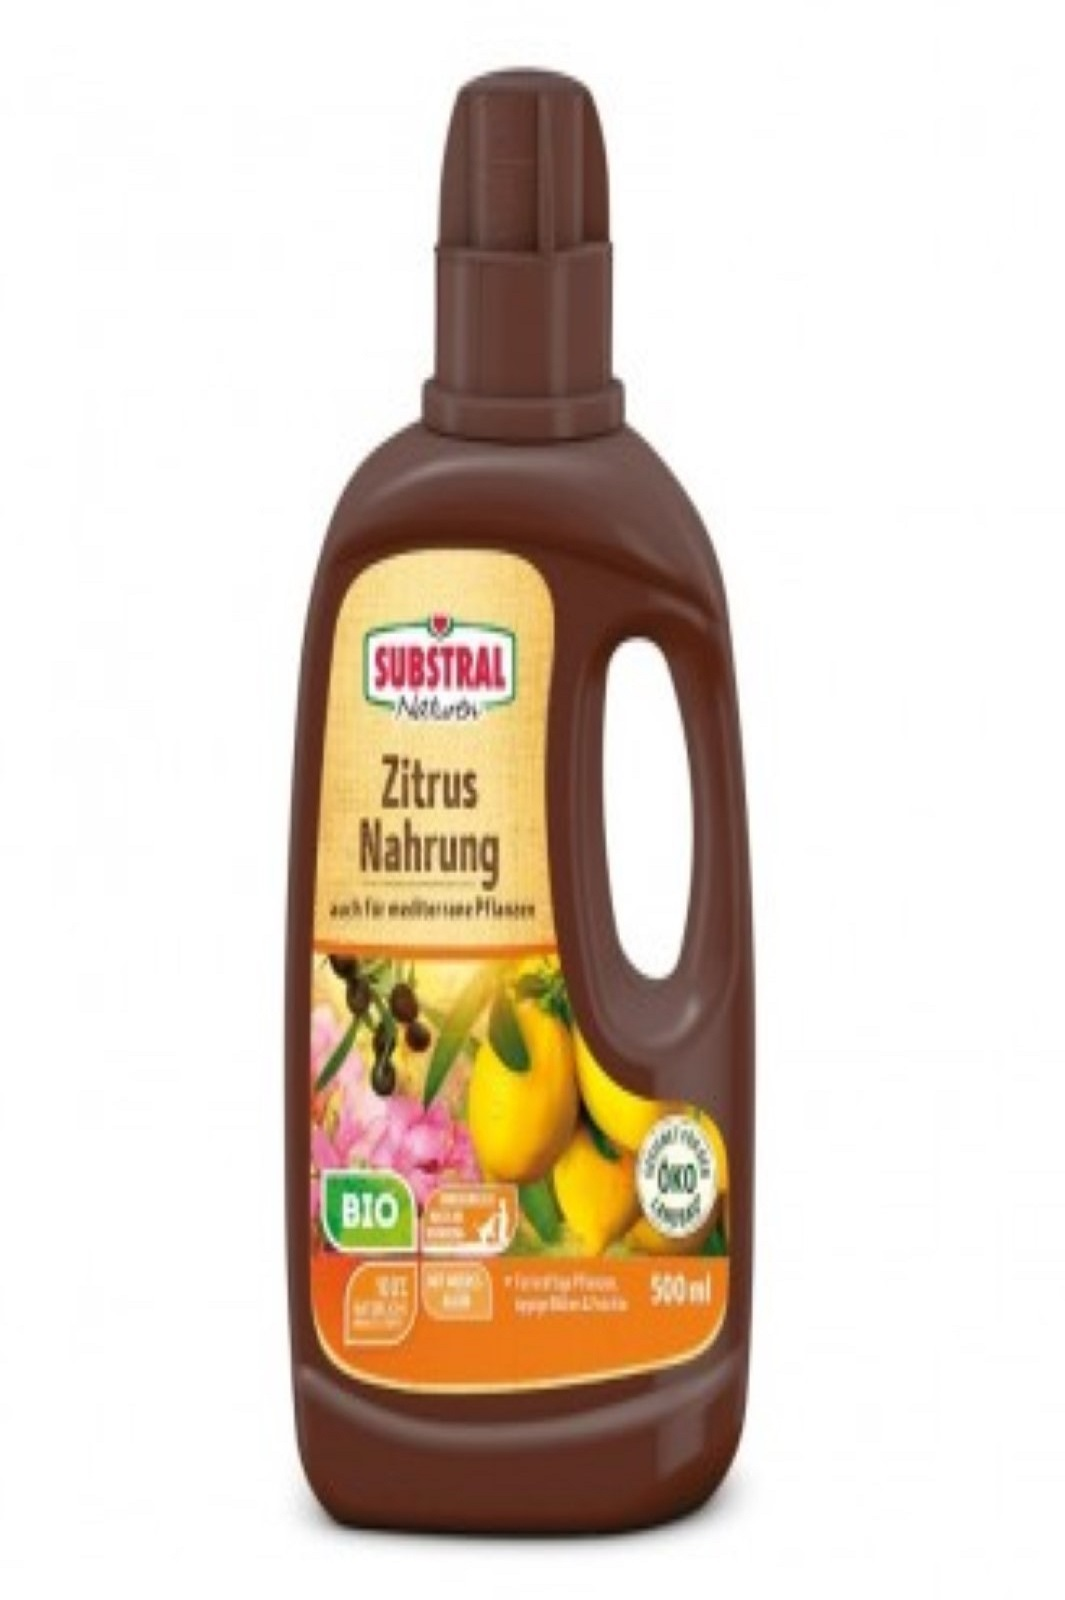 Naturen BIO Zitrus und Mediterrane Pflanzen Nahrung 500 ml